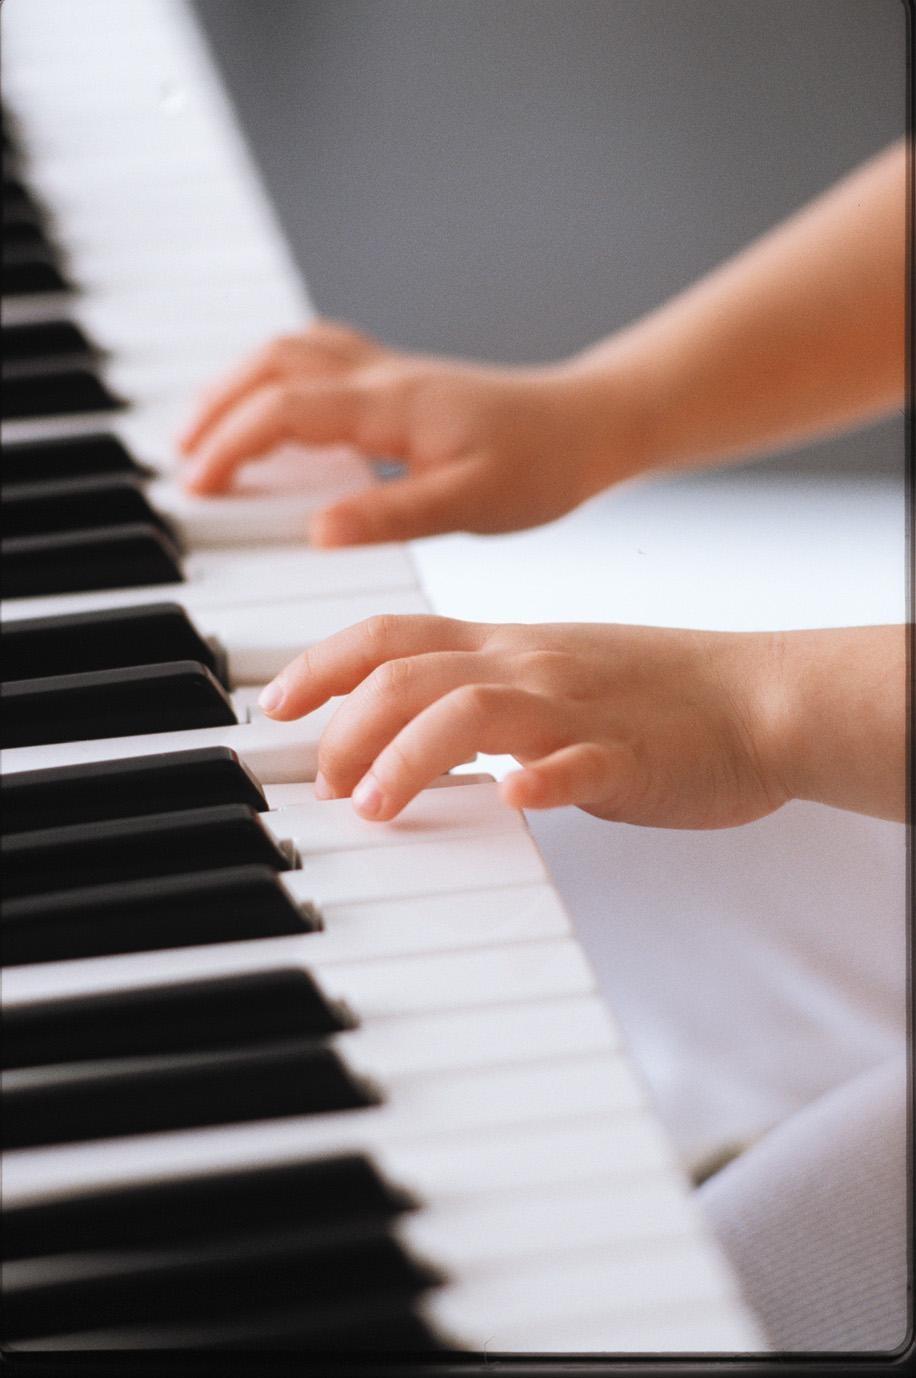 トリイ大津わにセンター 大津市ピアノ教室、ヤマハ音楽教室